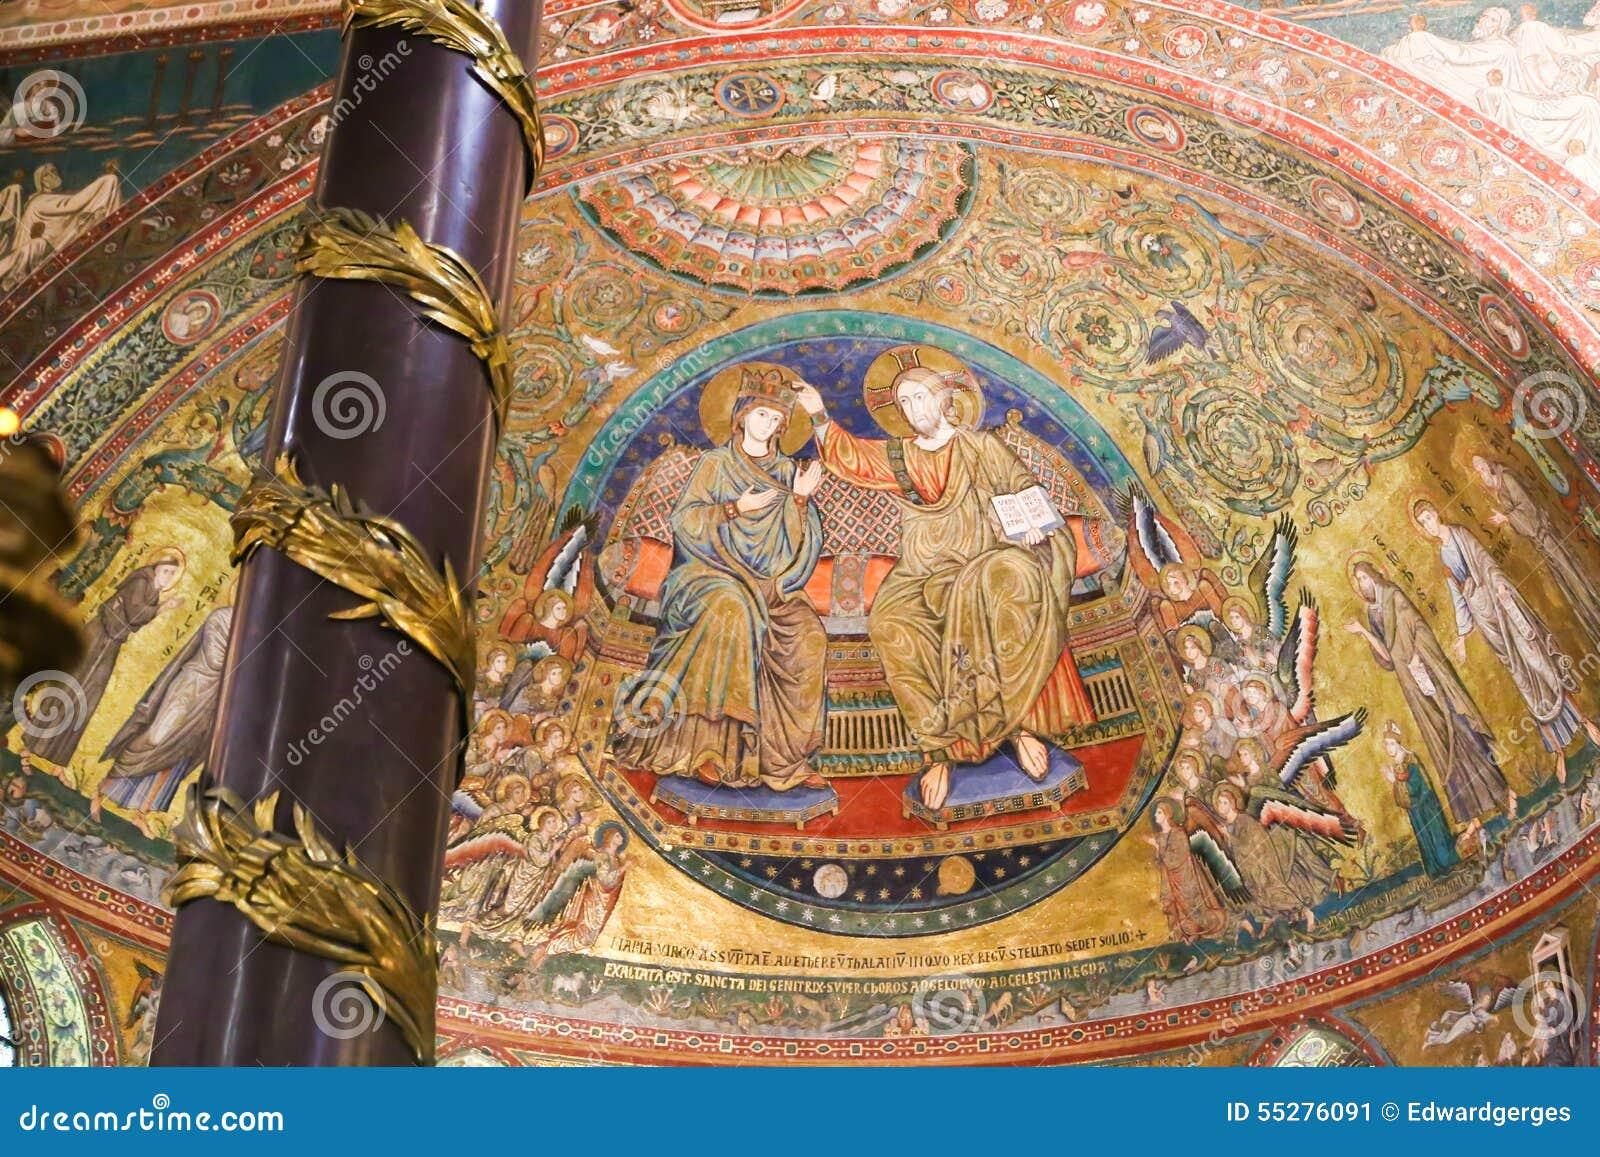 Peintures murales de st peter basilica vatican photo for Peintures murales